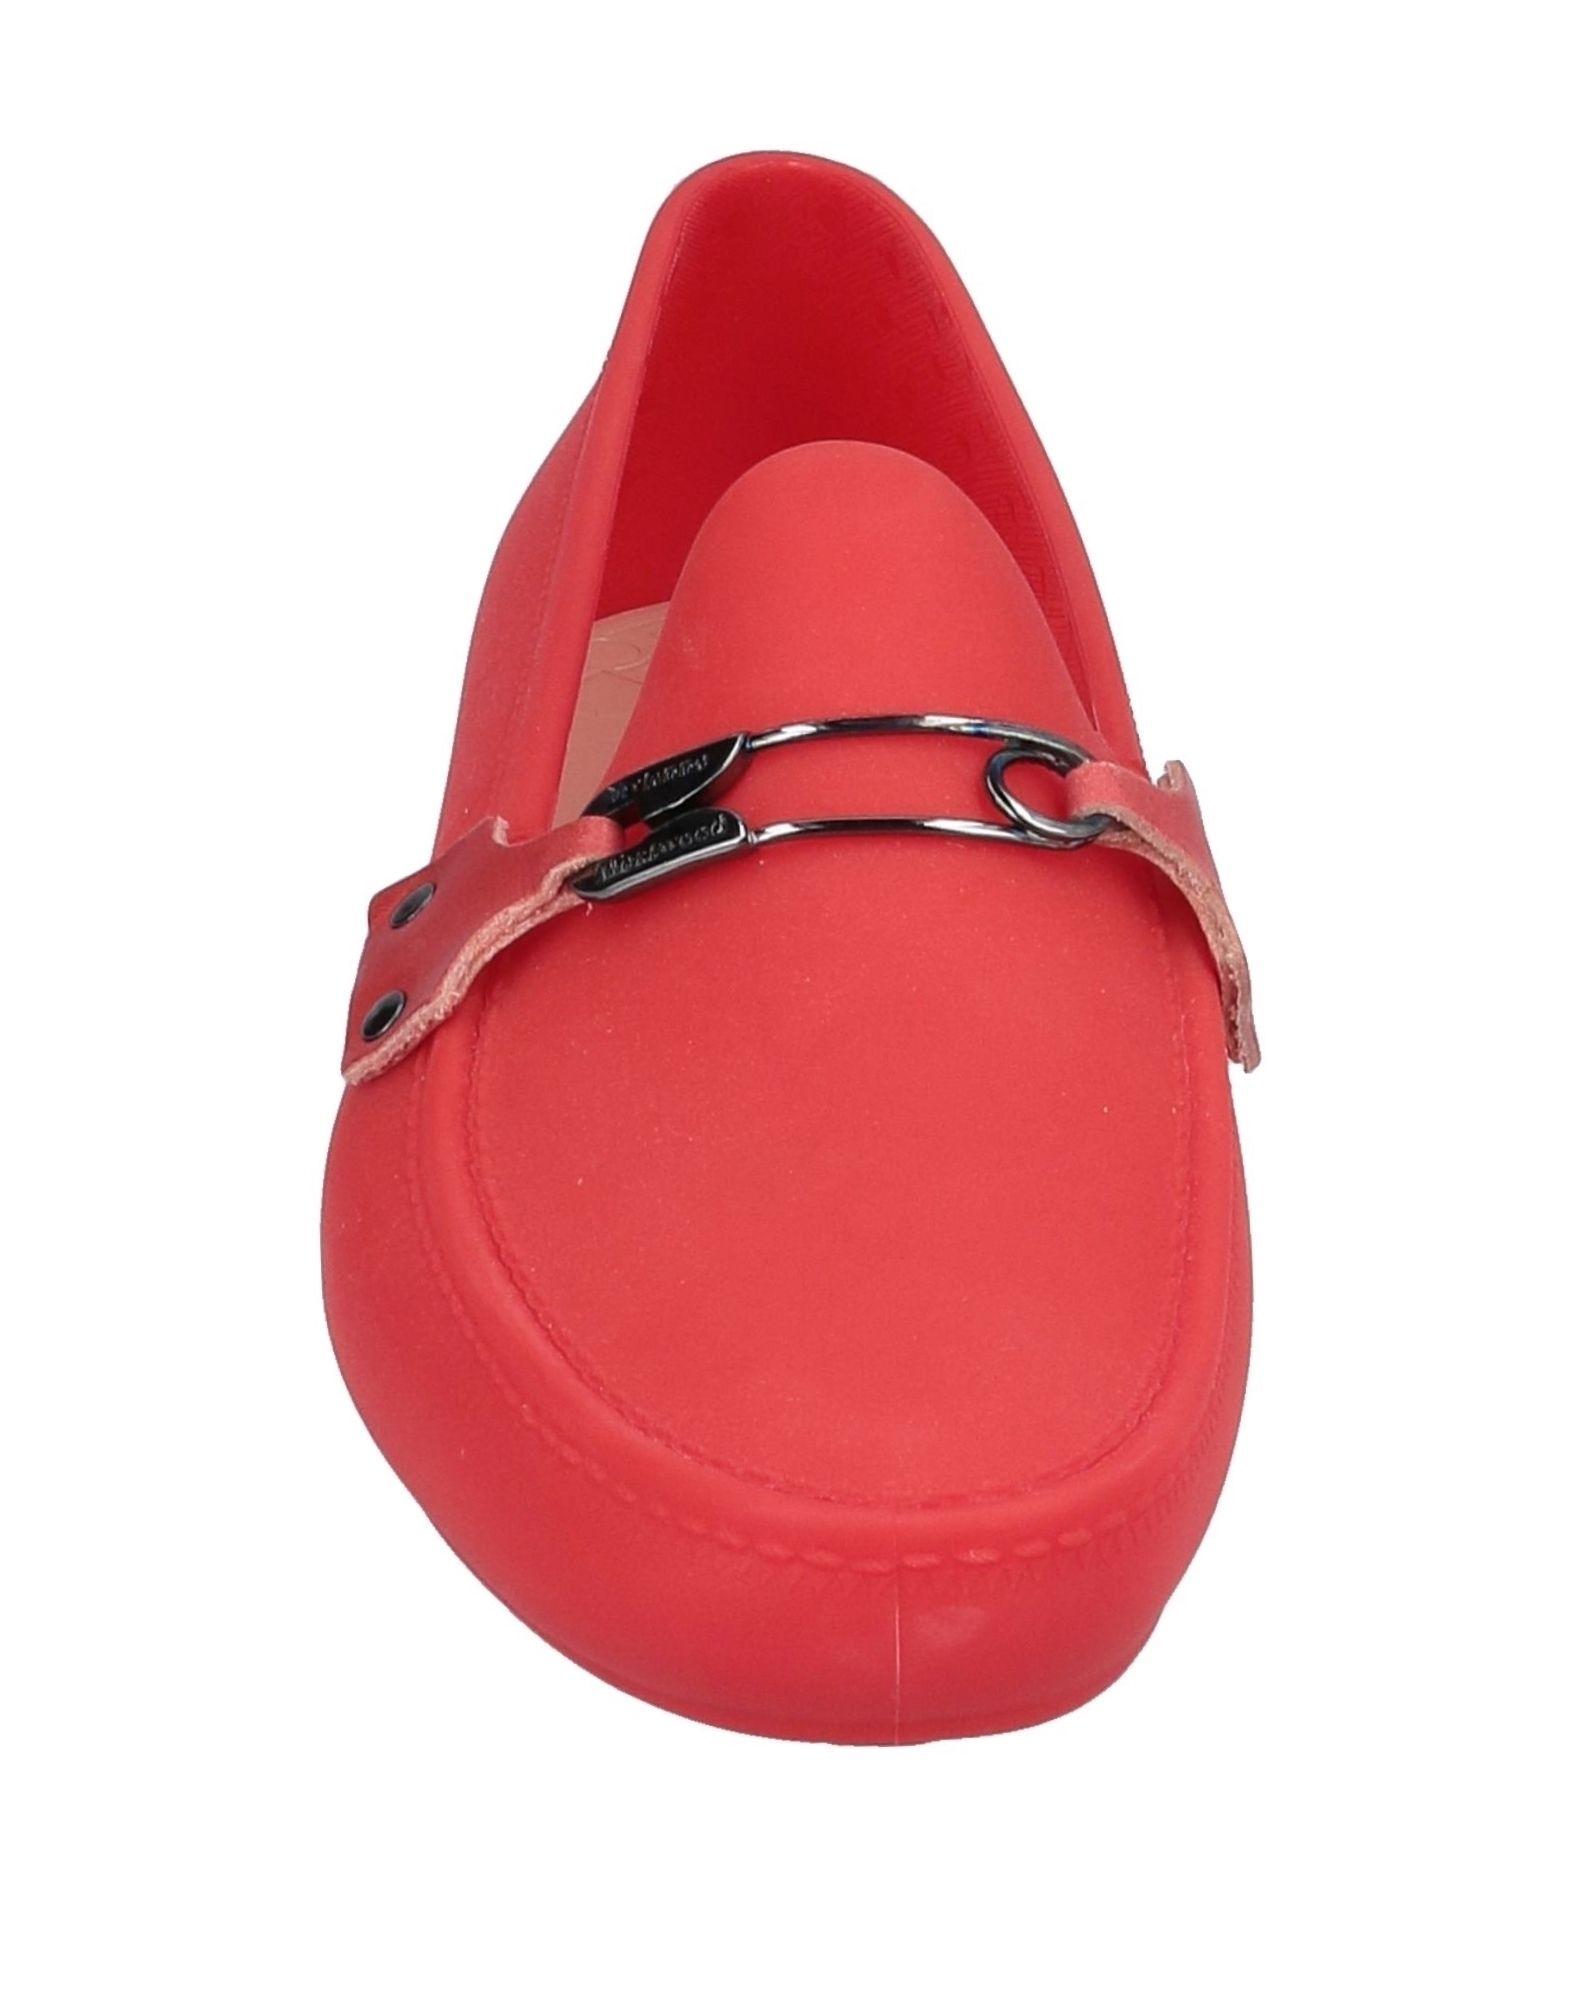 Rabatt  echte Schuhe Vivienne Westwood Mokassins Herren  Rabatt 11517461QX 594186